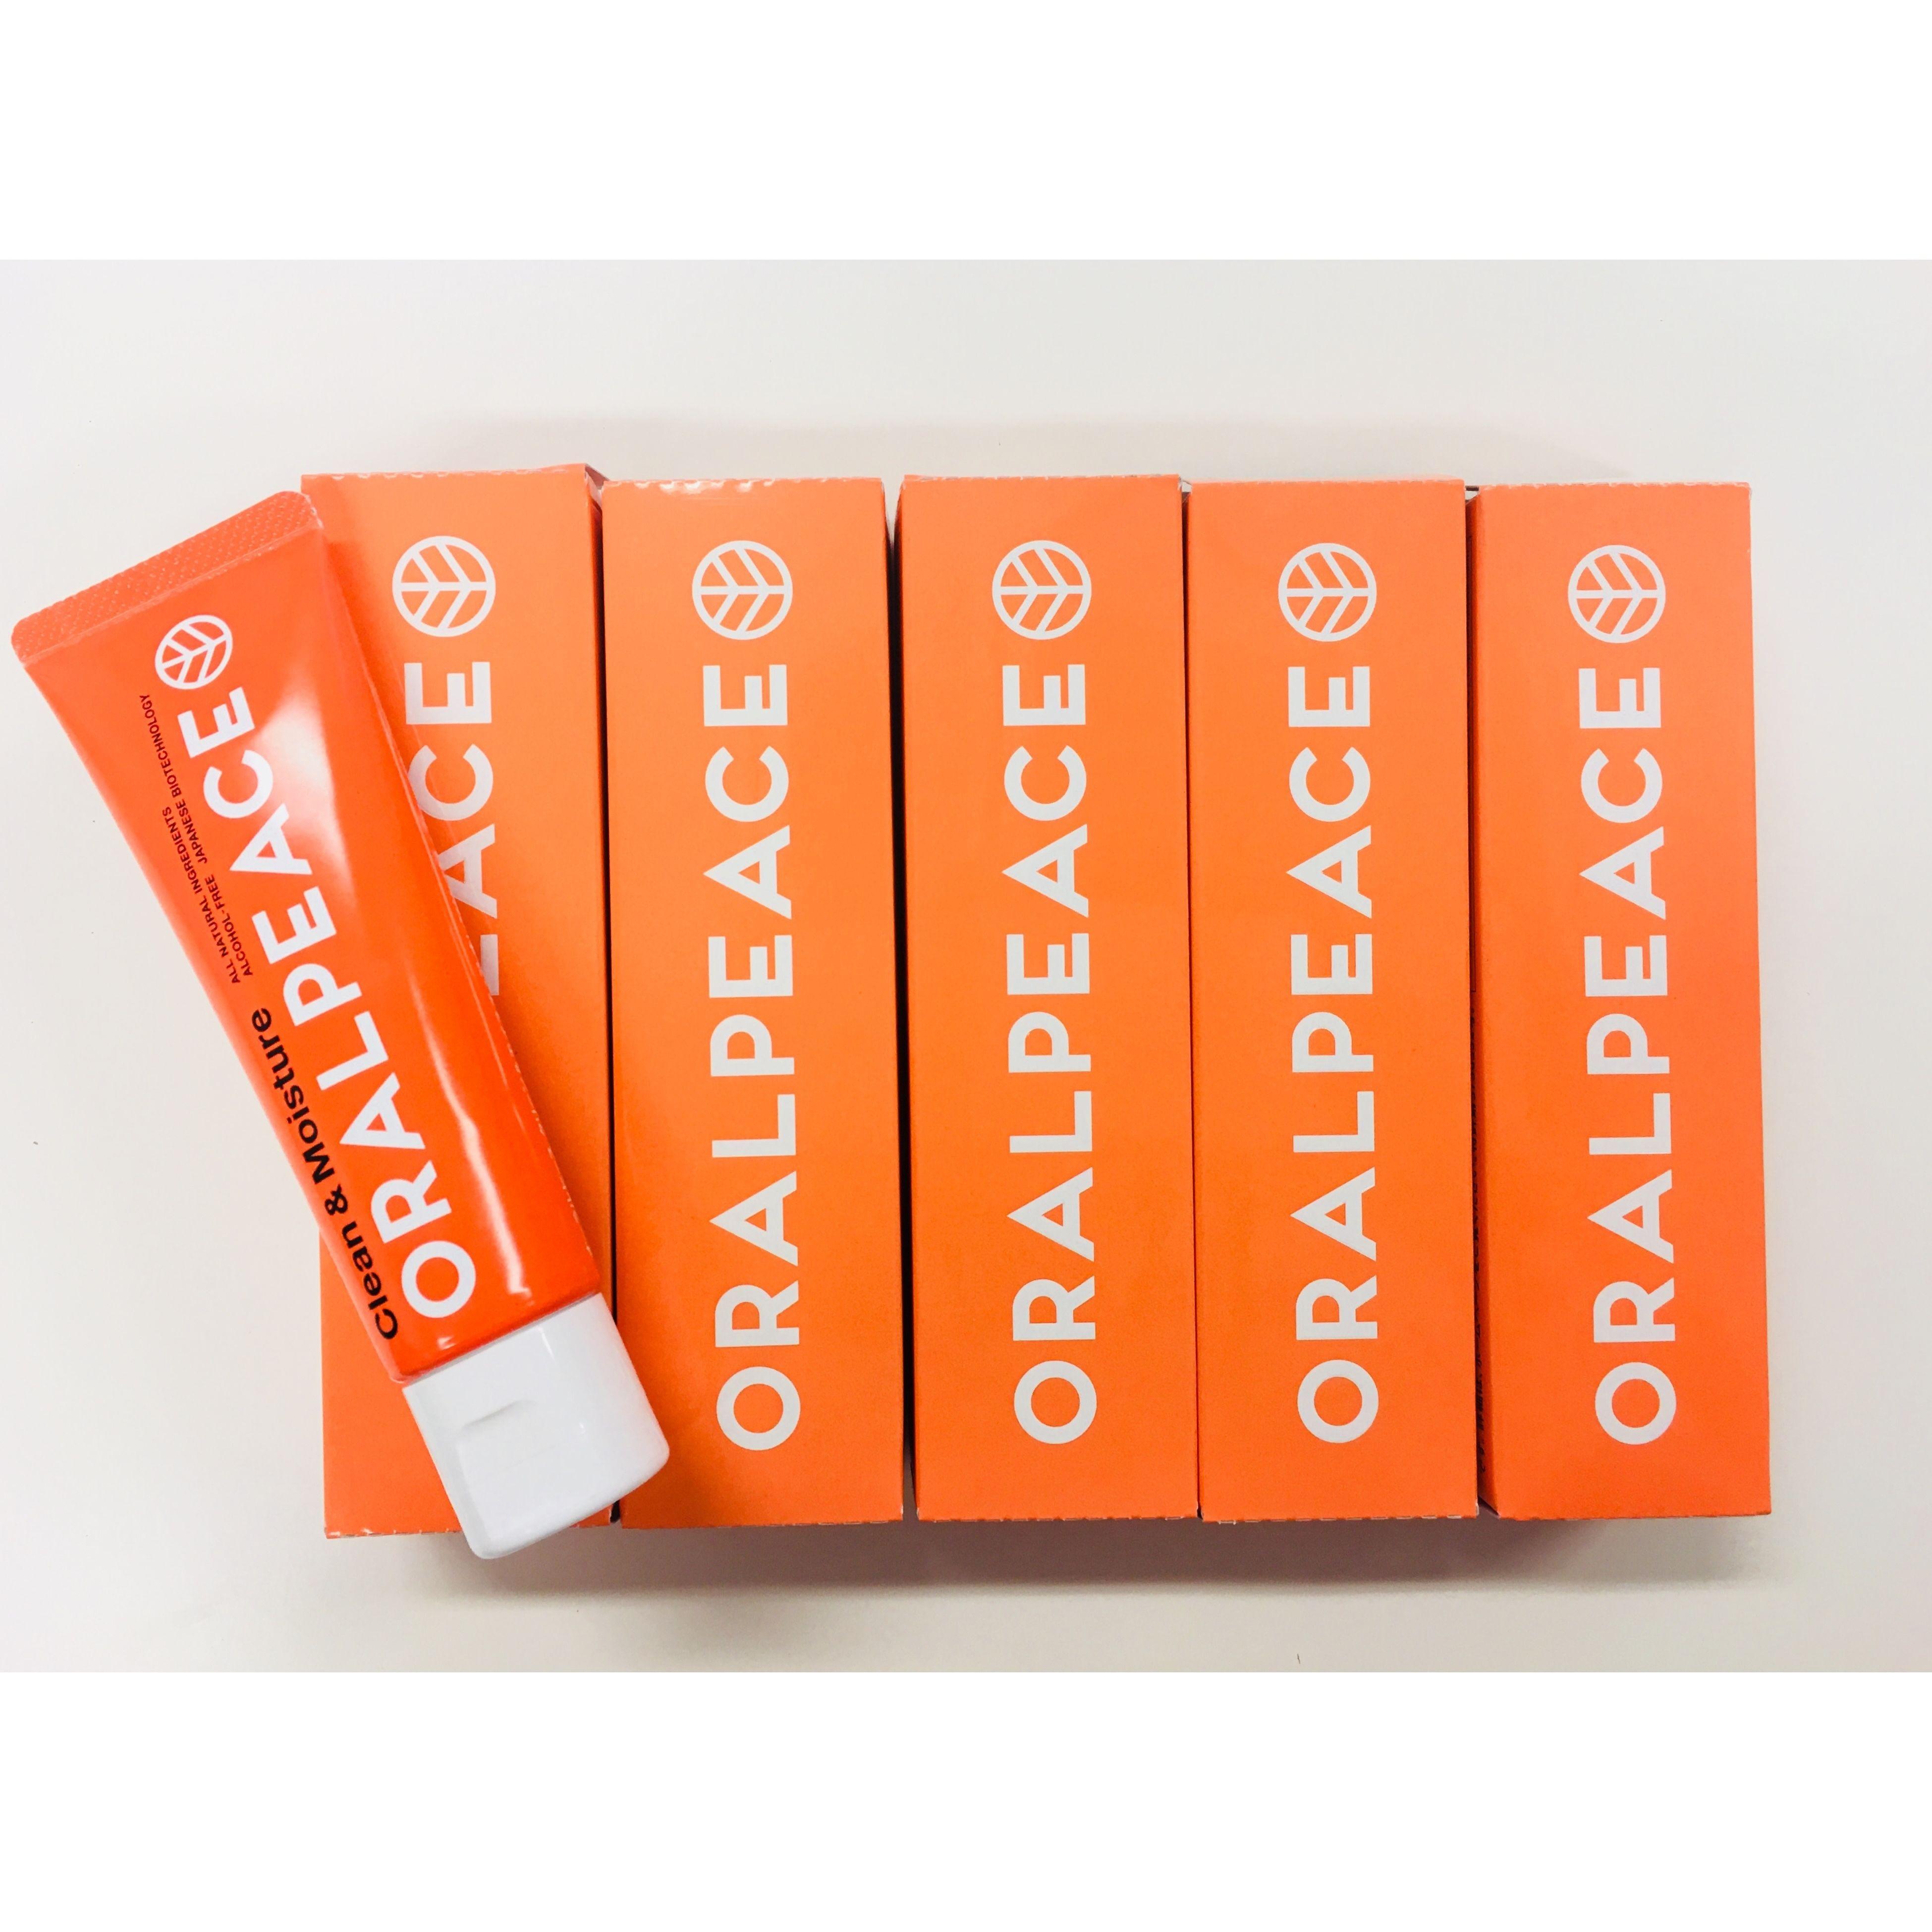 【NEW!!!6/4発売!!!! お得な!!5本セット!!】オーラルピース クリーン&モイスチュア オレンジ 5本セット